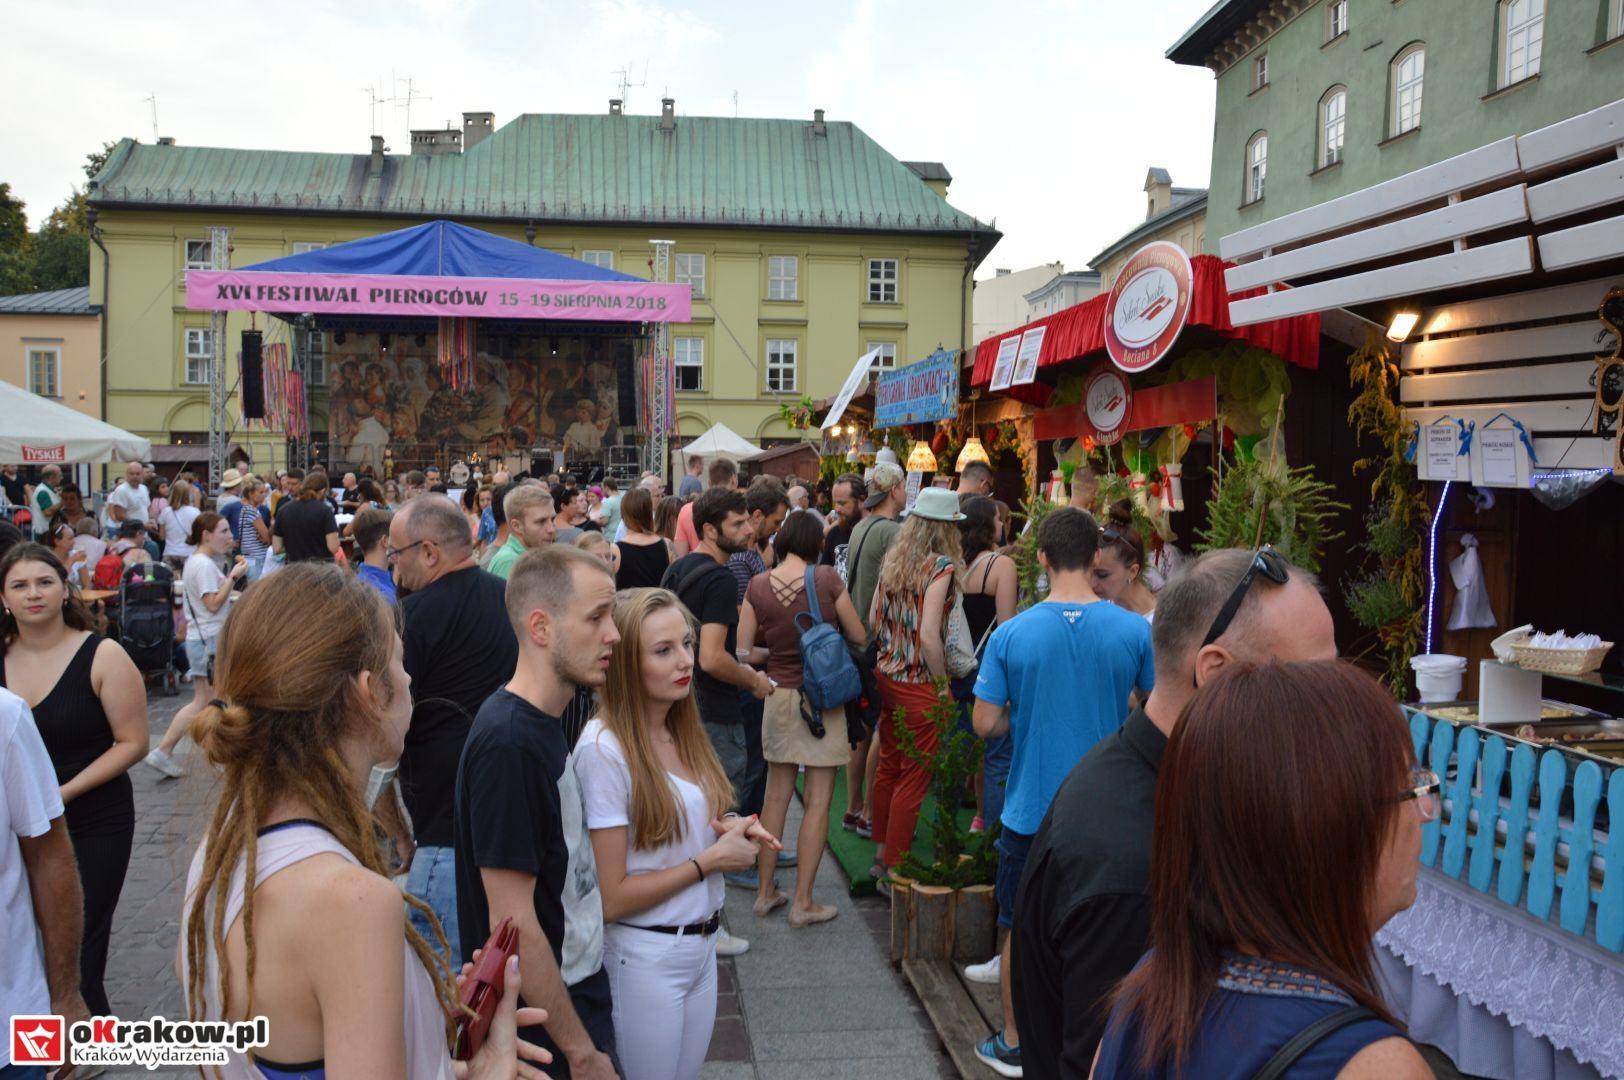 krakow festiwal pierogow maly rynek koncert cheap tobacco 84 150x150 - Galeria zdjęć Festiwal Pierogów Kraków 2018 + zdjęcia z koncertu Cheap Tobacco